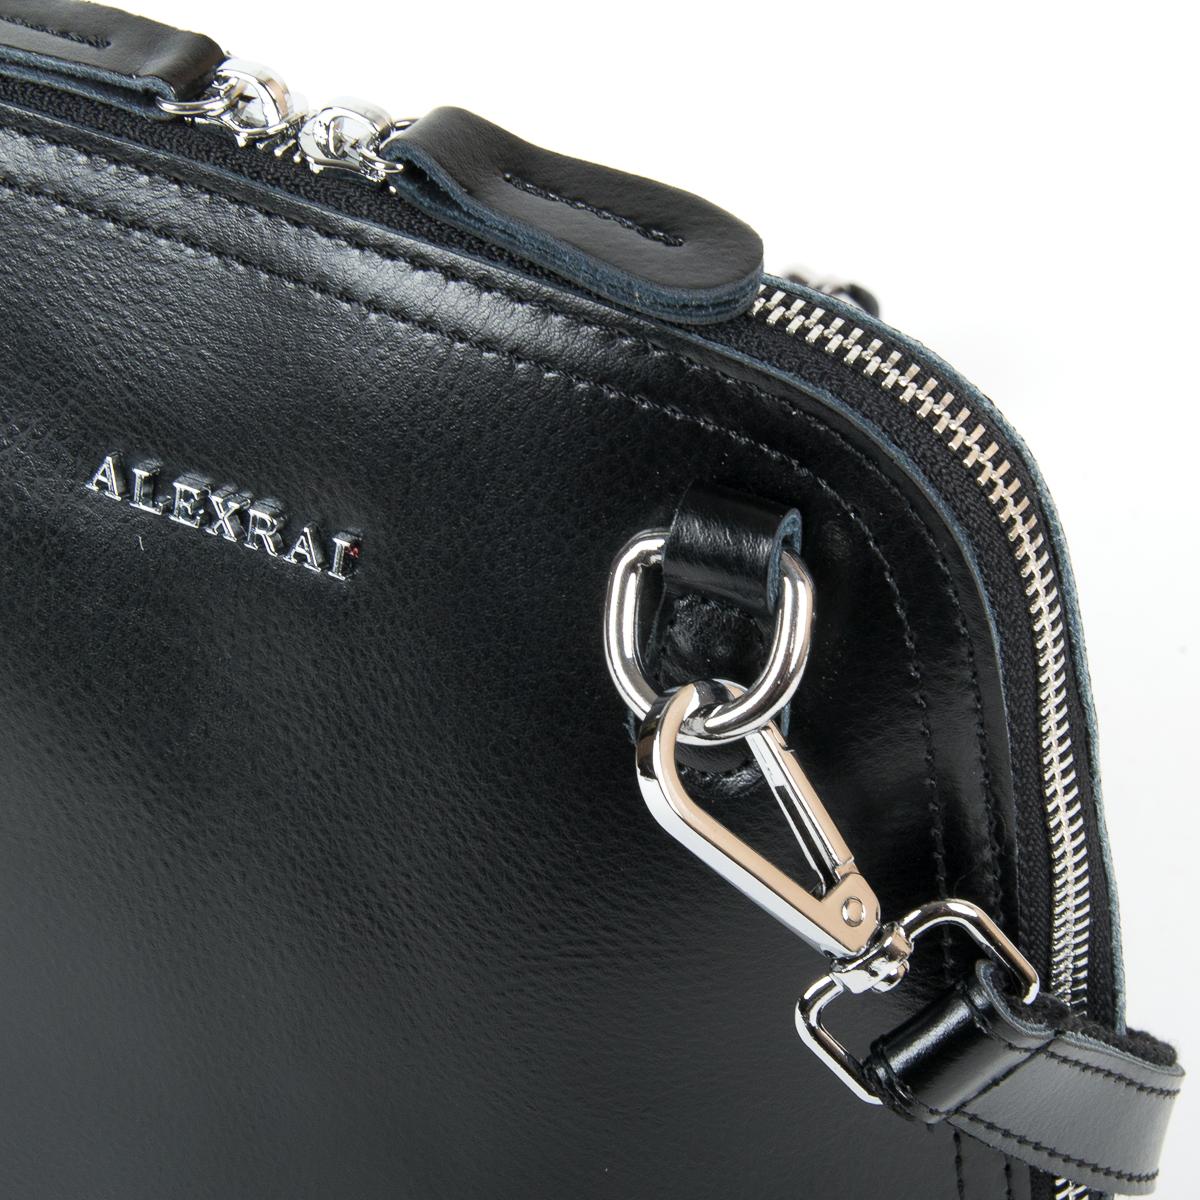 Сумка Женская Клатч кожа ALEX RAI 9-01 8803 black - фото 3